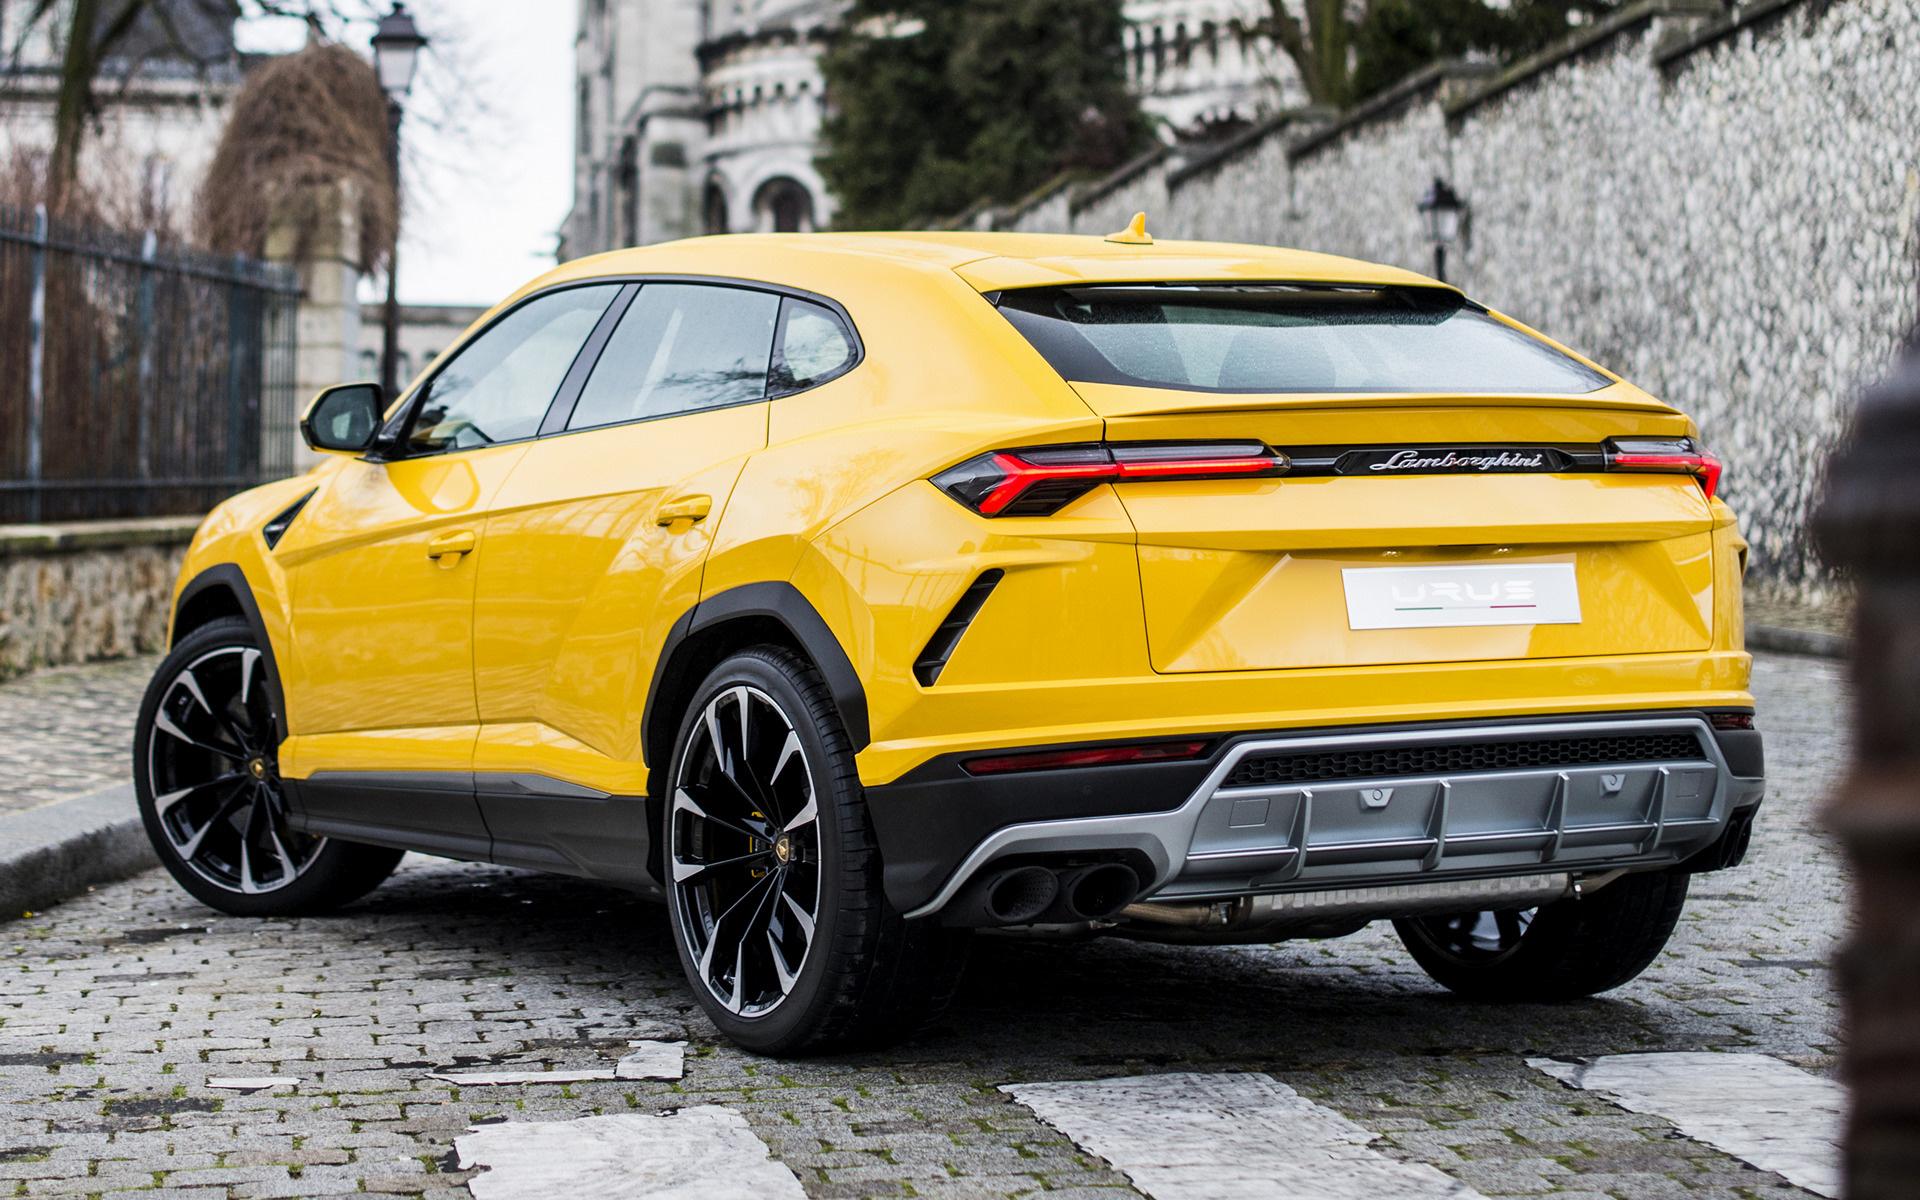 2018 Lamborghini Urus Wallpapers And Hd Images Car Pixel